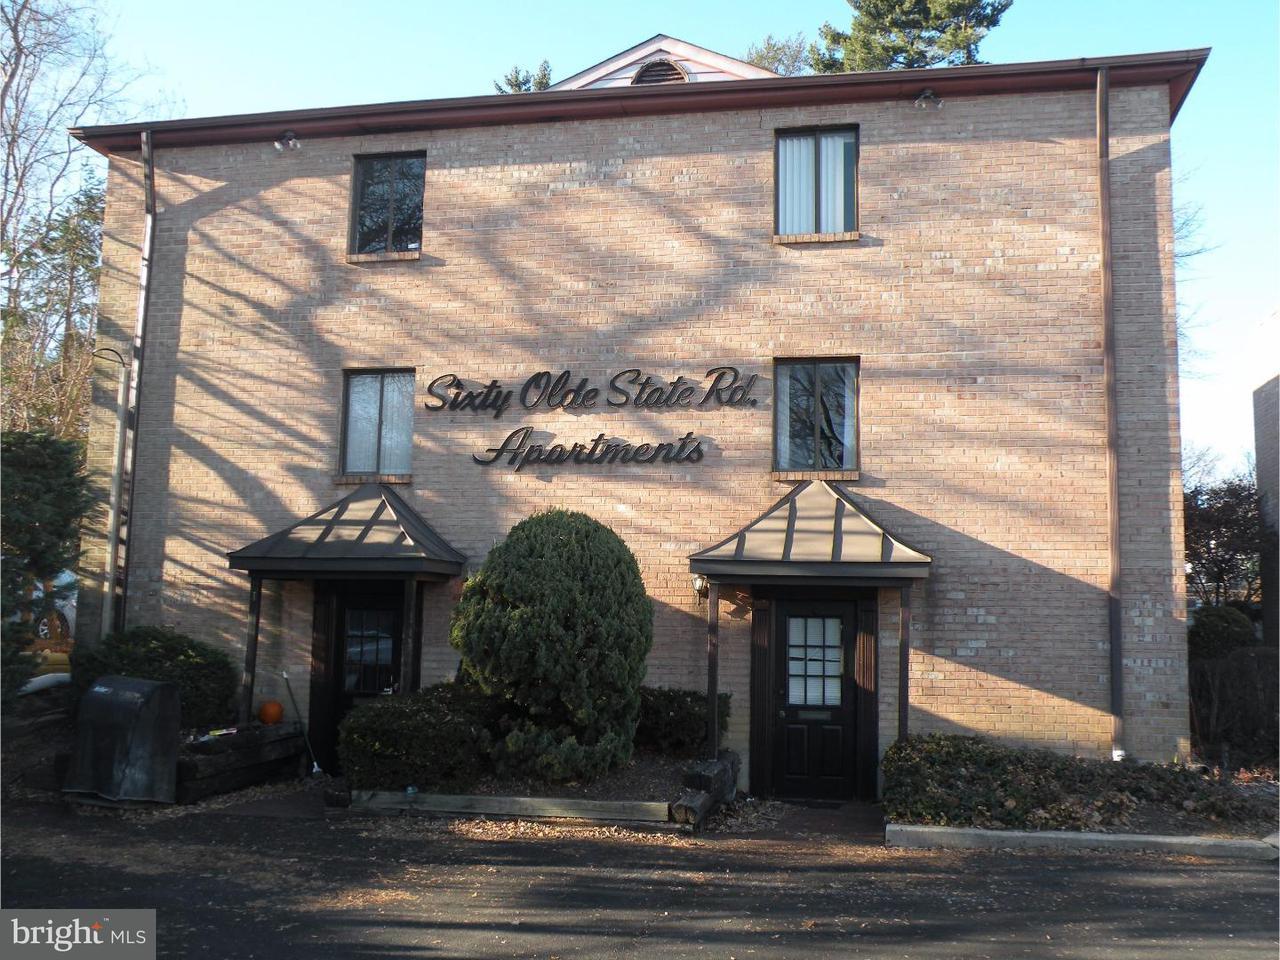 Casa Unifamiliar por un Alquiler en 60 OLD STATE RD #10 Media, Pennsylvania 19063 Estados Unidos